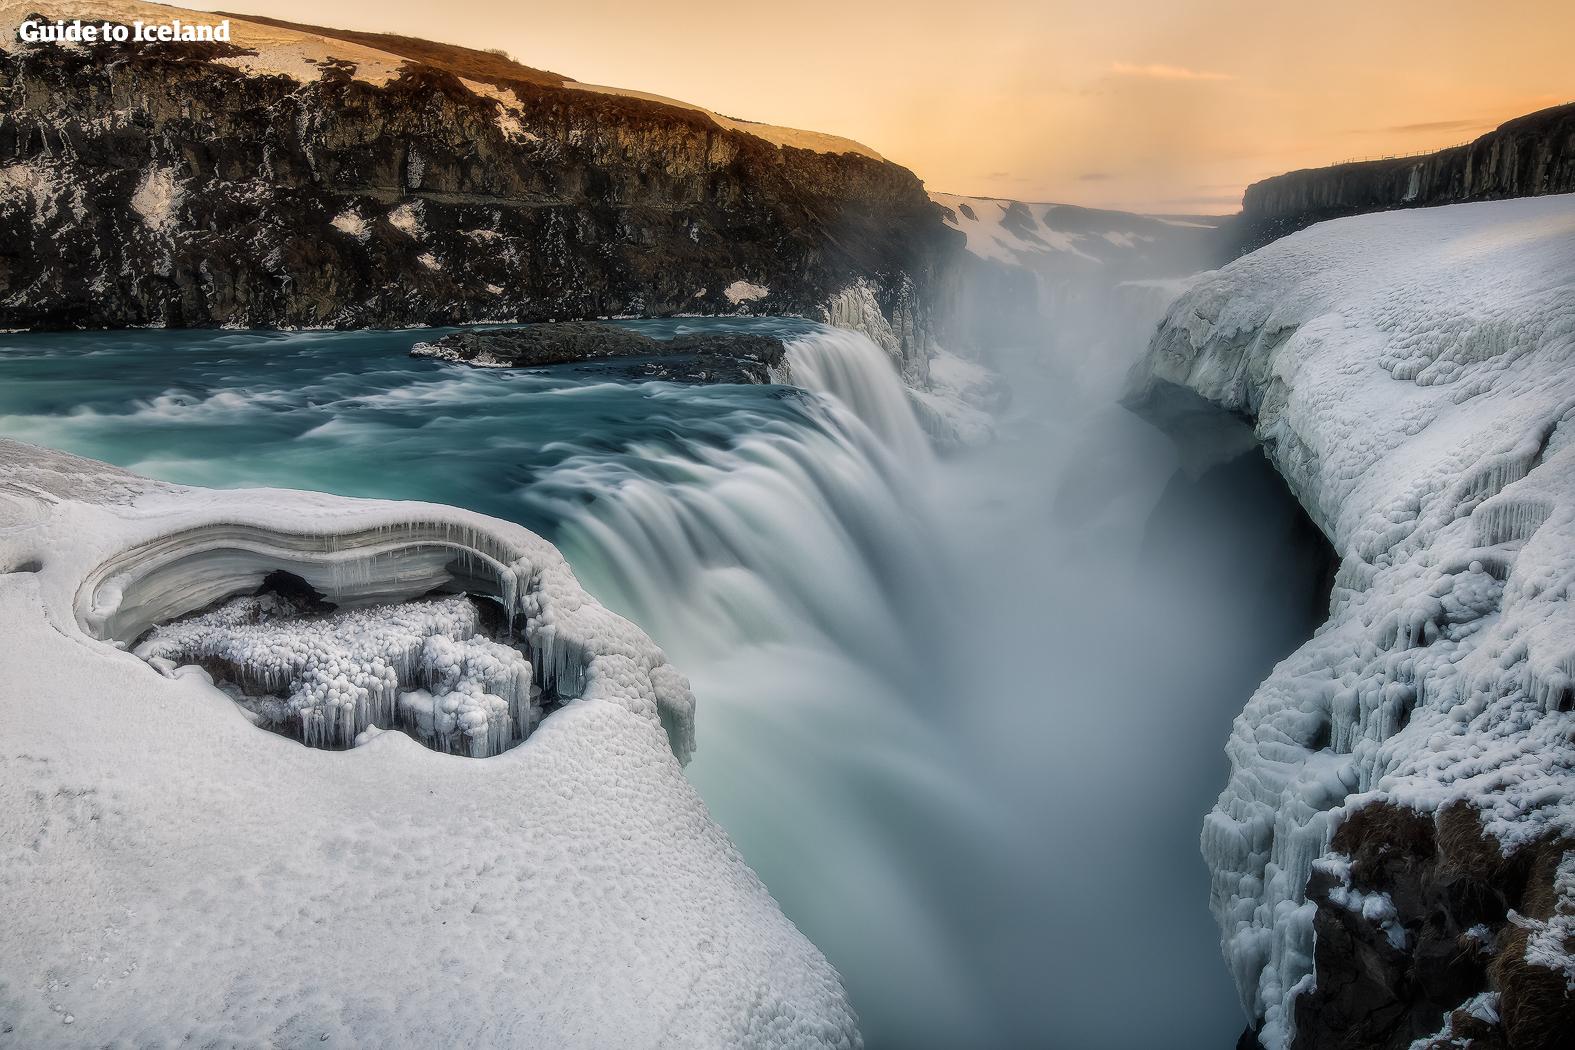 8天7夜环岛中文导游精品团|冬季来冰岛追极光,雷克雅未克出发,圣诞新年春节多个日期 - day 1